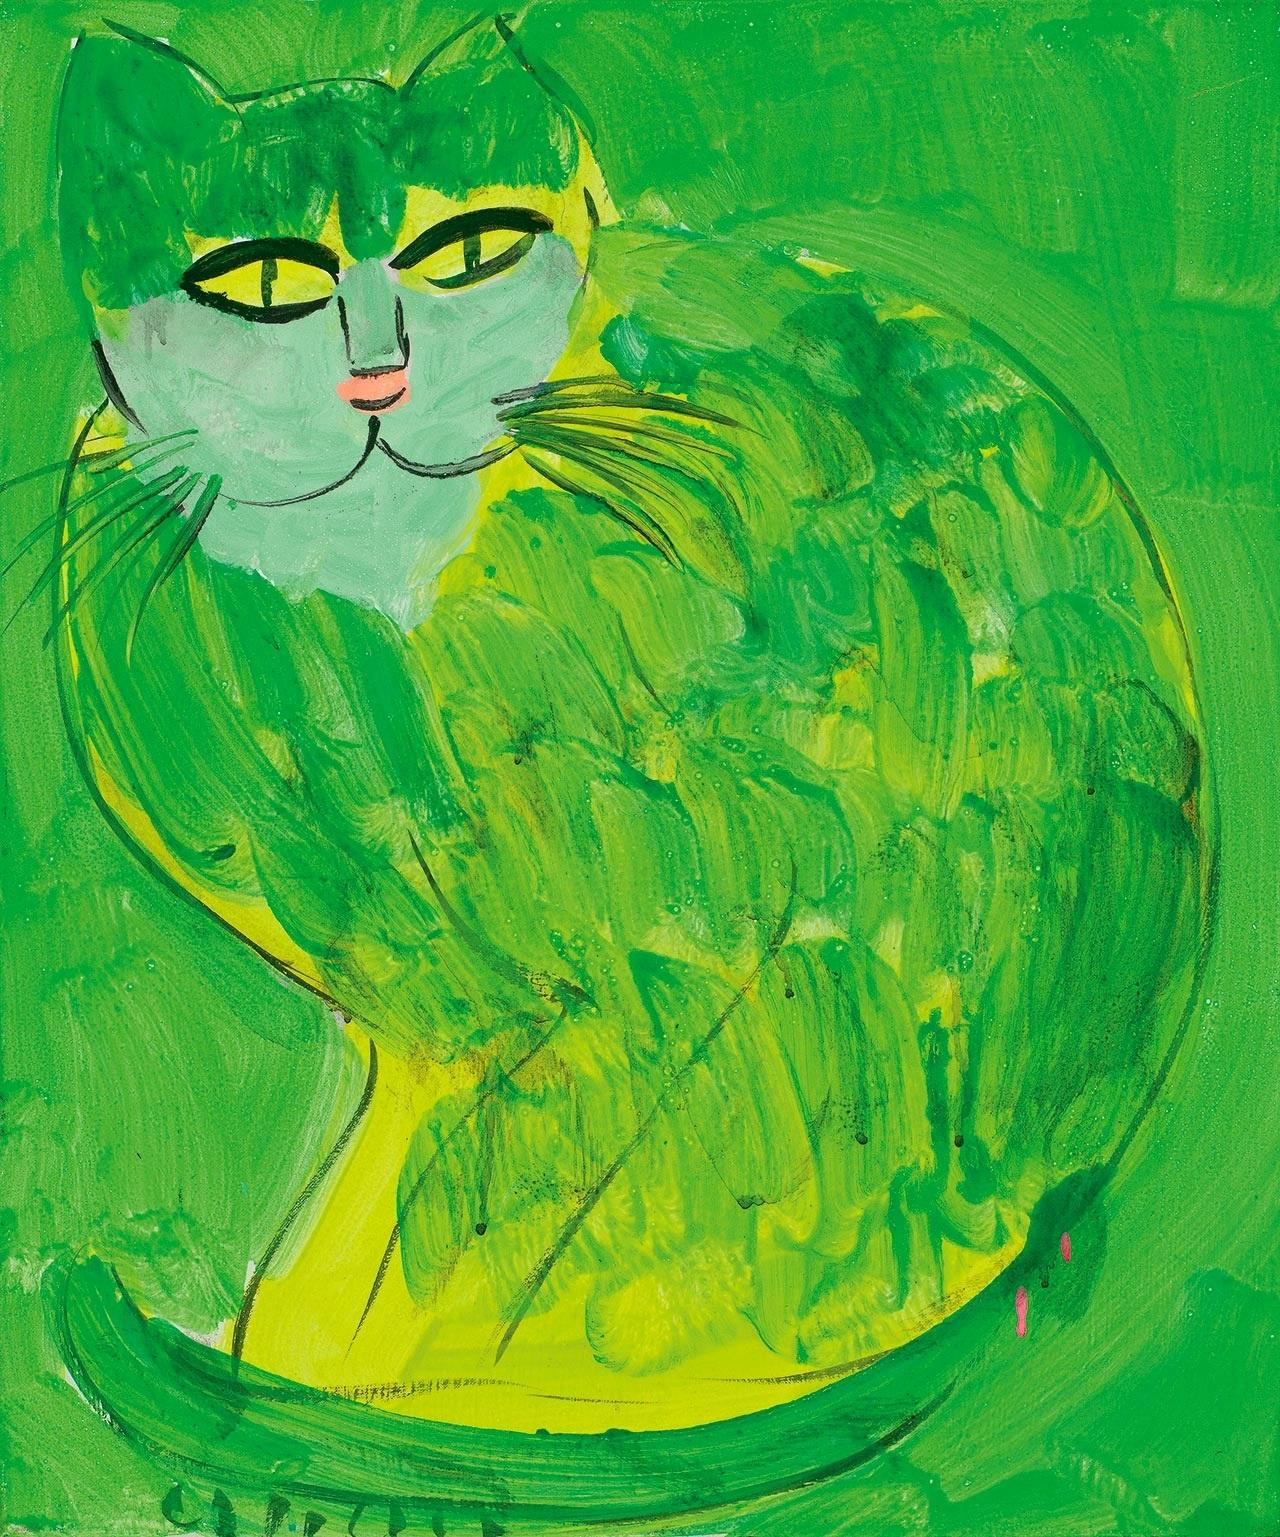 1990_Великолепный зеленый кот (Beautiful Green Cat)_60 x 50_холст, акрил_Частное собрание.jpg